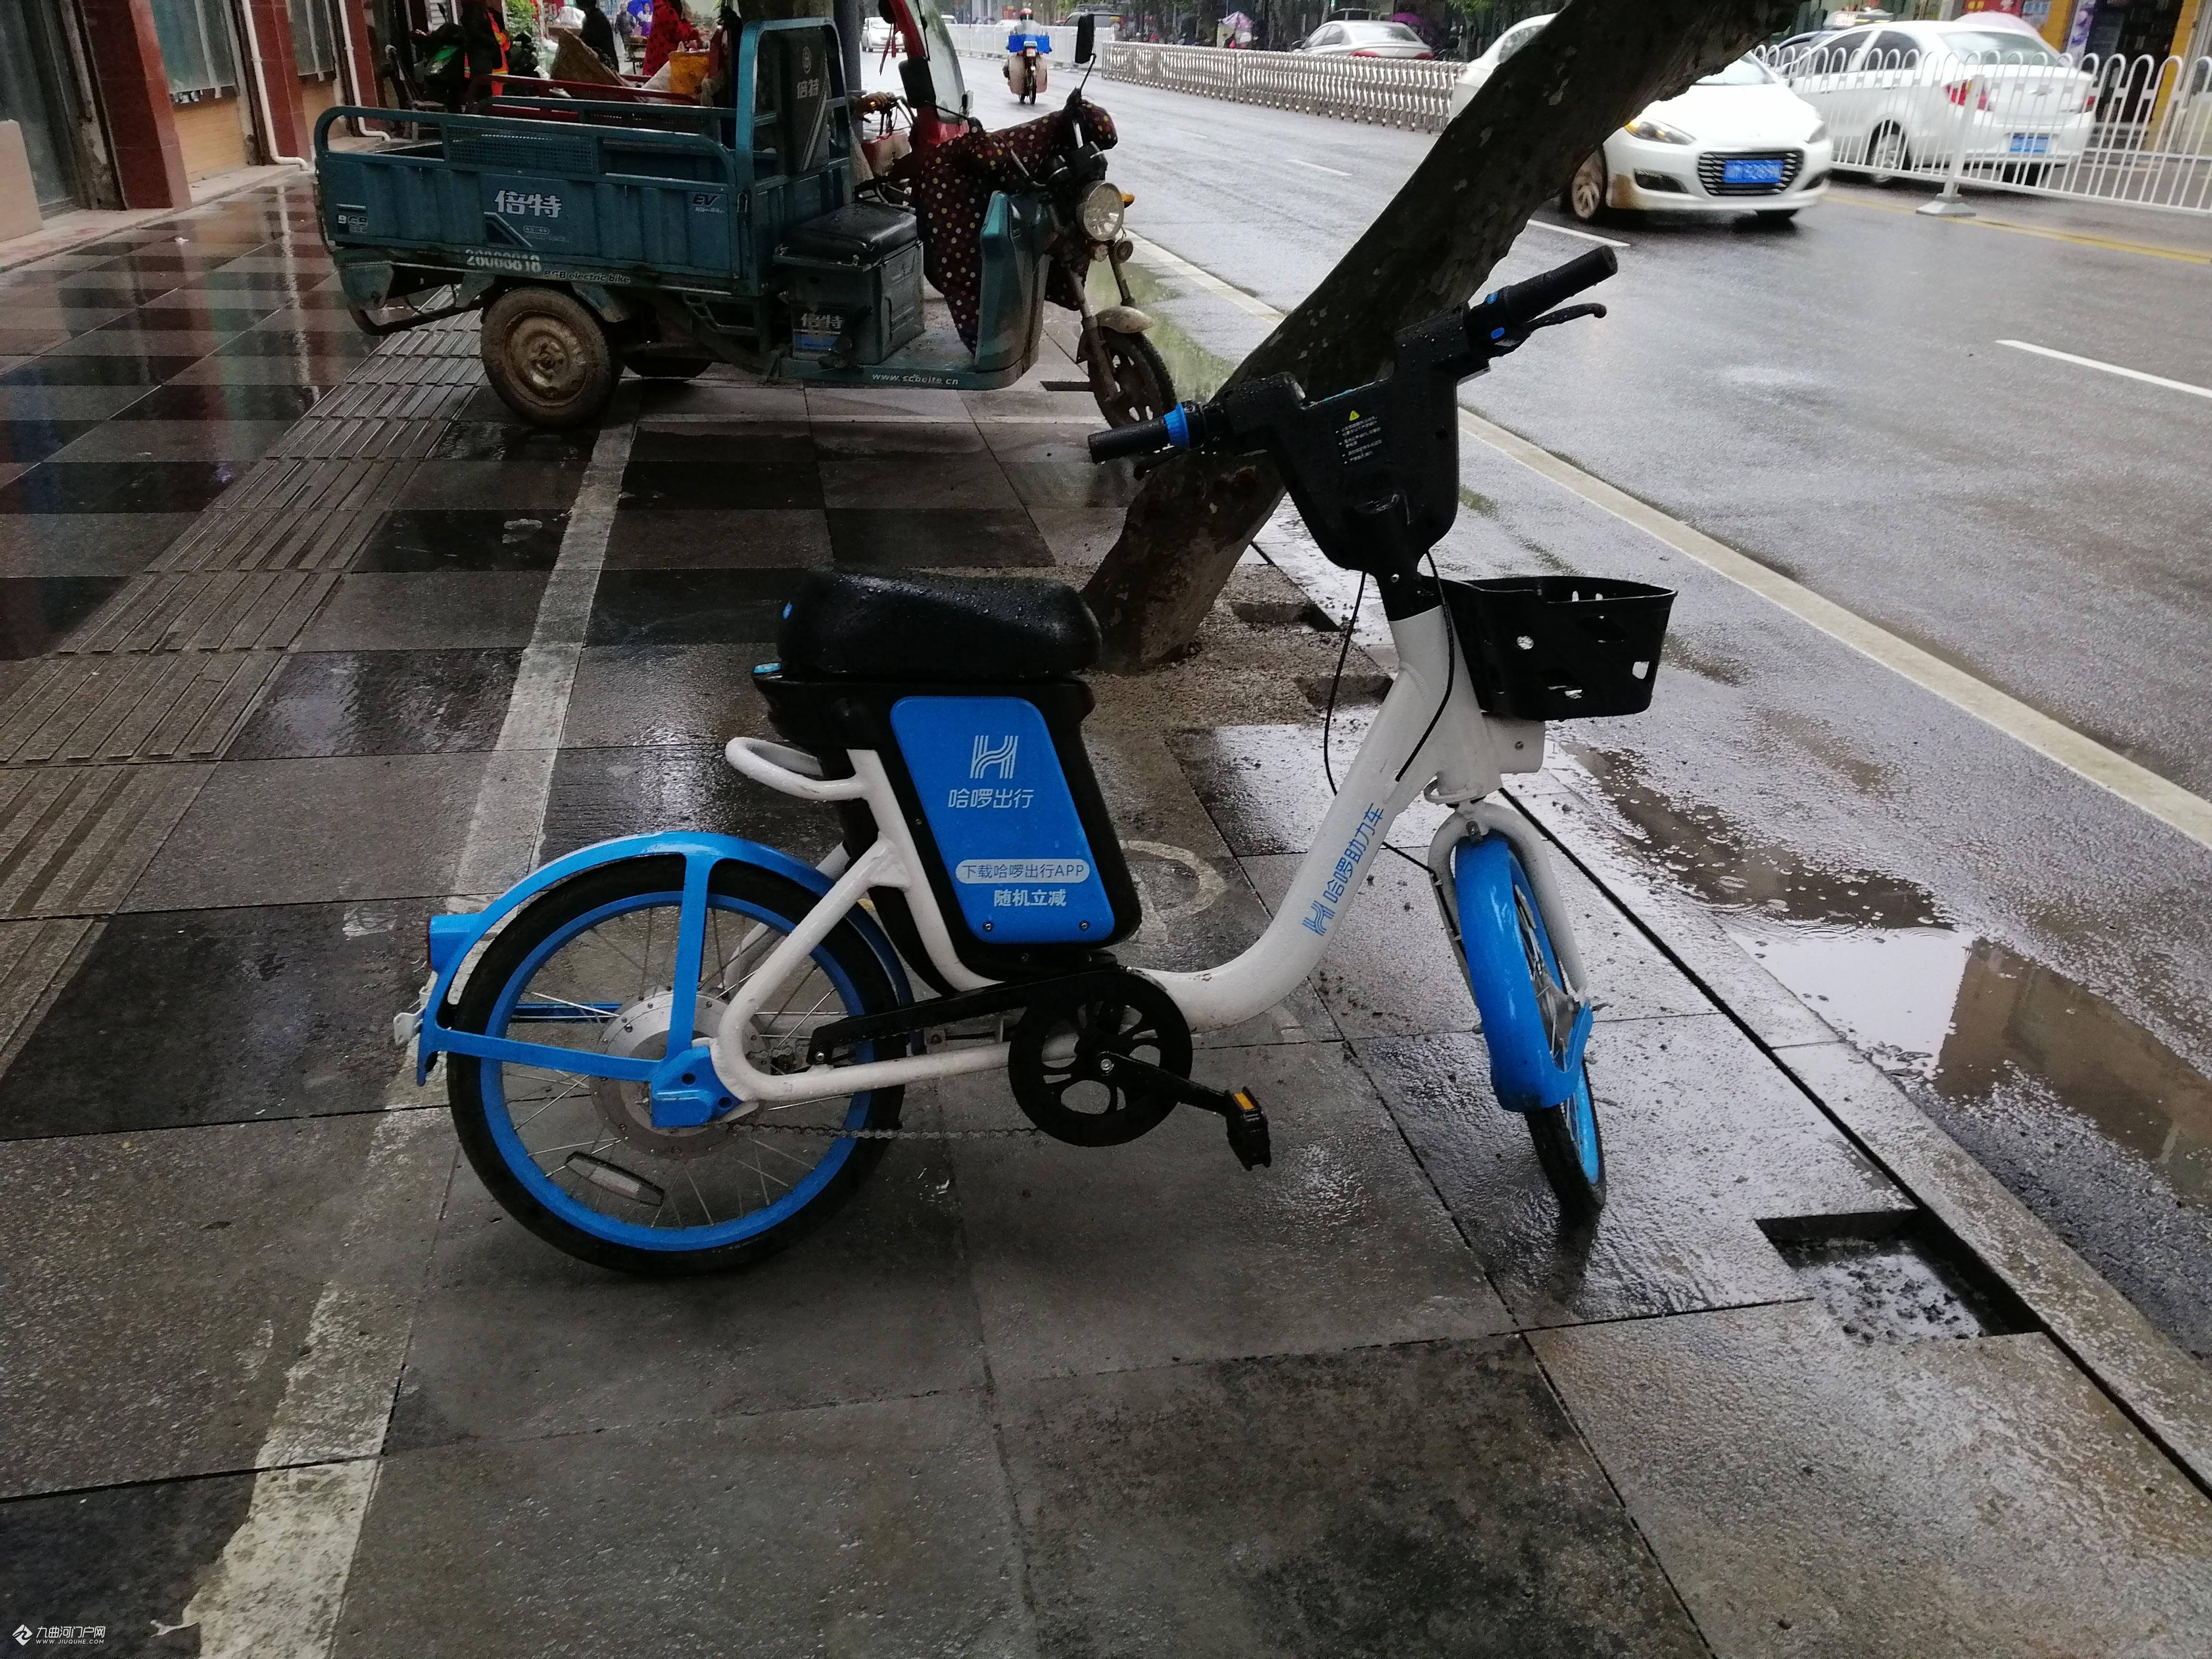 闲来无事,我测评了资阳的几种共享电单车,大家平时喜欢骑那种车呢?